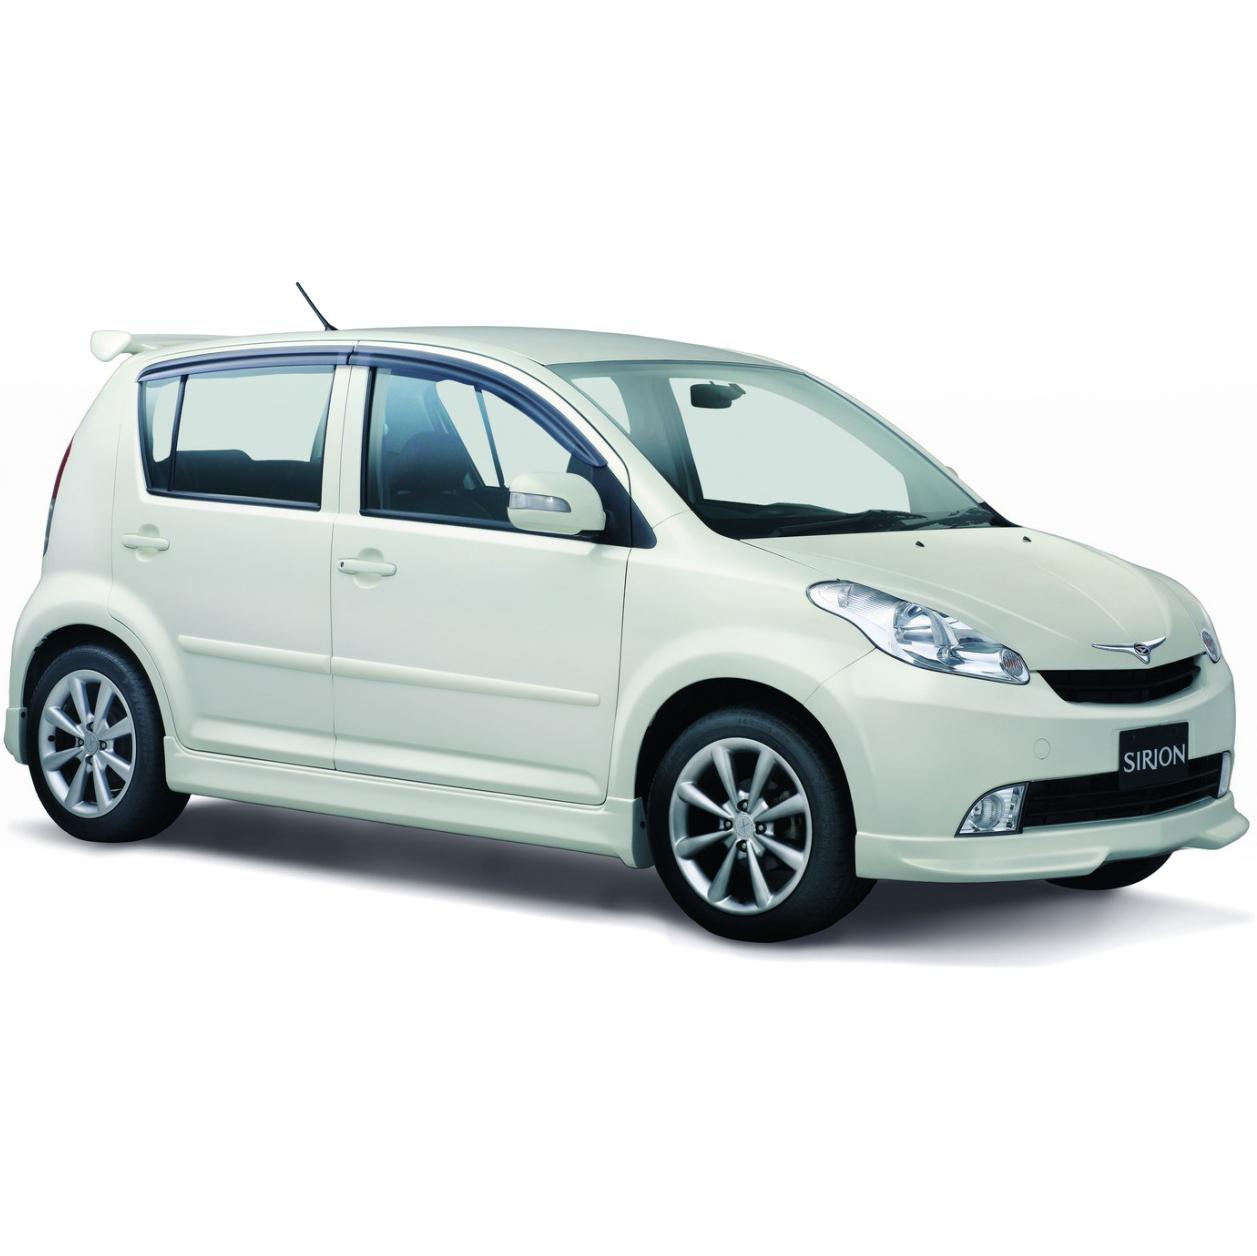 Daihatsu Sirion Car Mats (All Models)